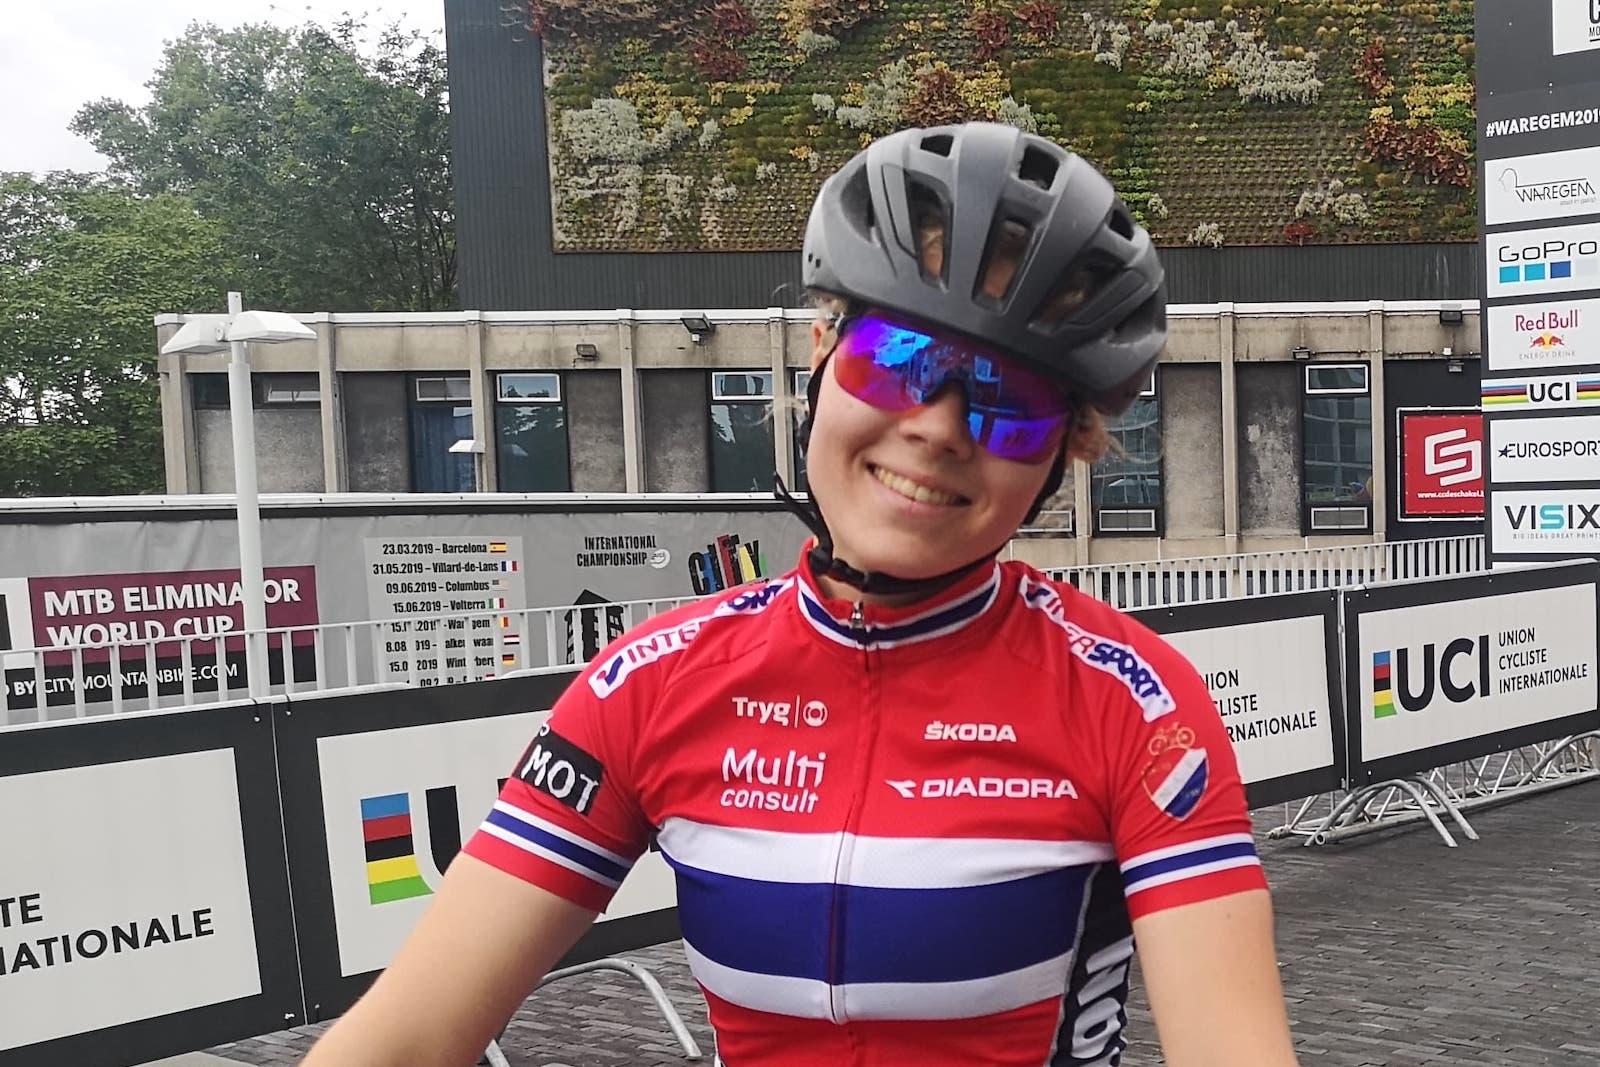 Anna Stray Rongve hadde formen på plass men uflaks i kvartfinalen under sprint-VM i Belgia i dag. Foto: Arvid Rongve